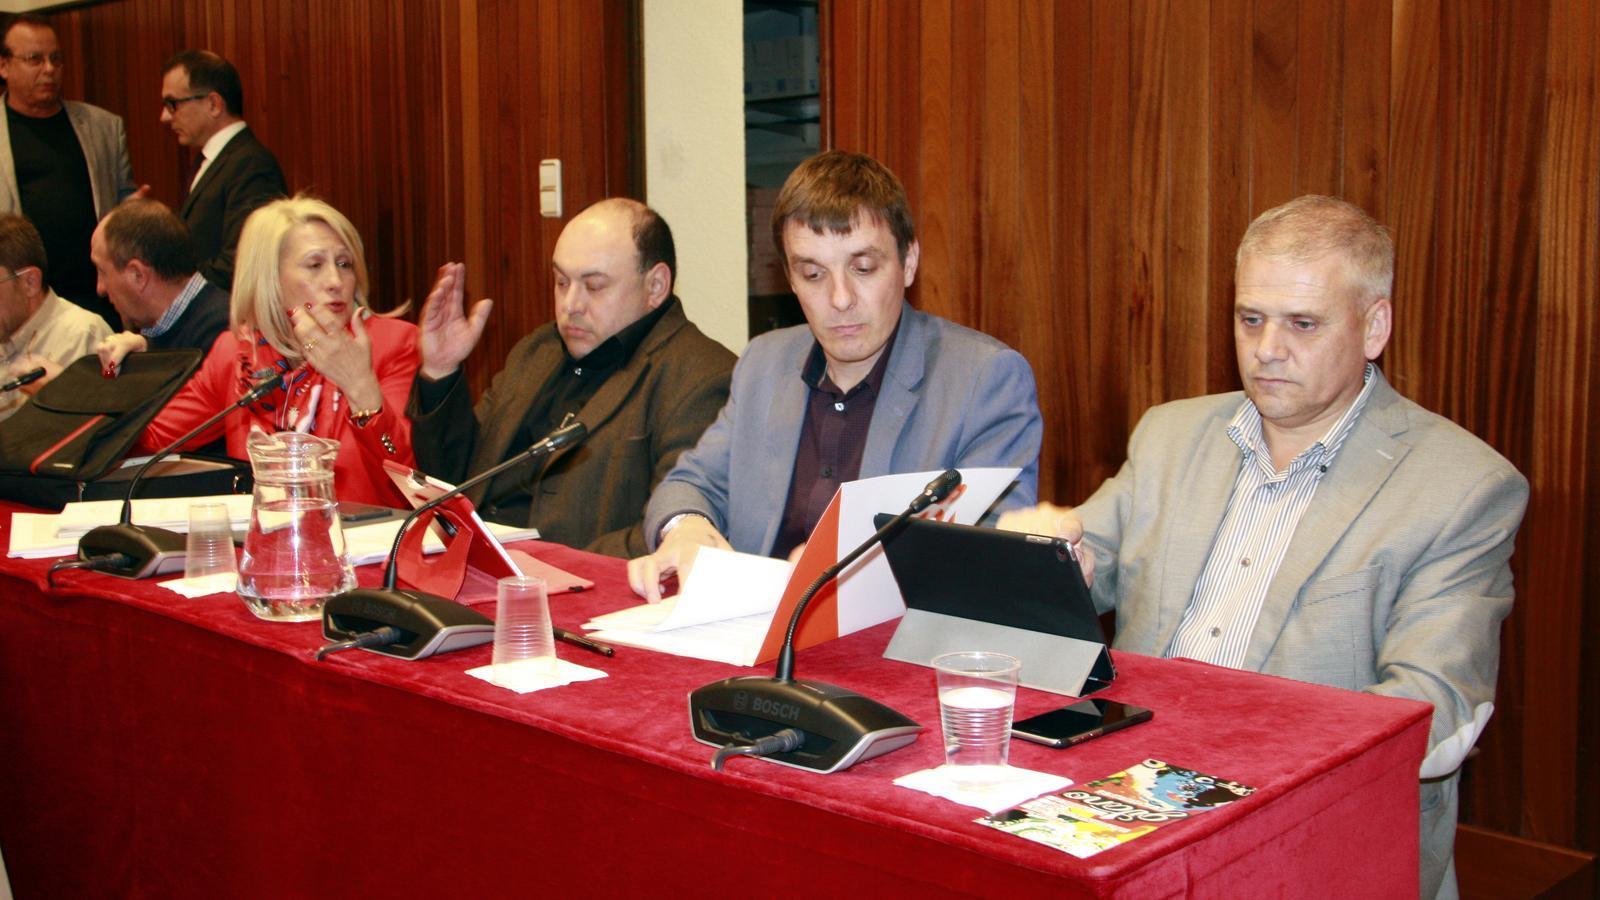 D'esquerra a dreta, els regidors del PP, Mª Àngels Olmedo i Diego Borrego i els dos edils de C's, Héctor Amelló i Toni Pérez durant un ple de Figueres / ACN